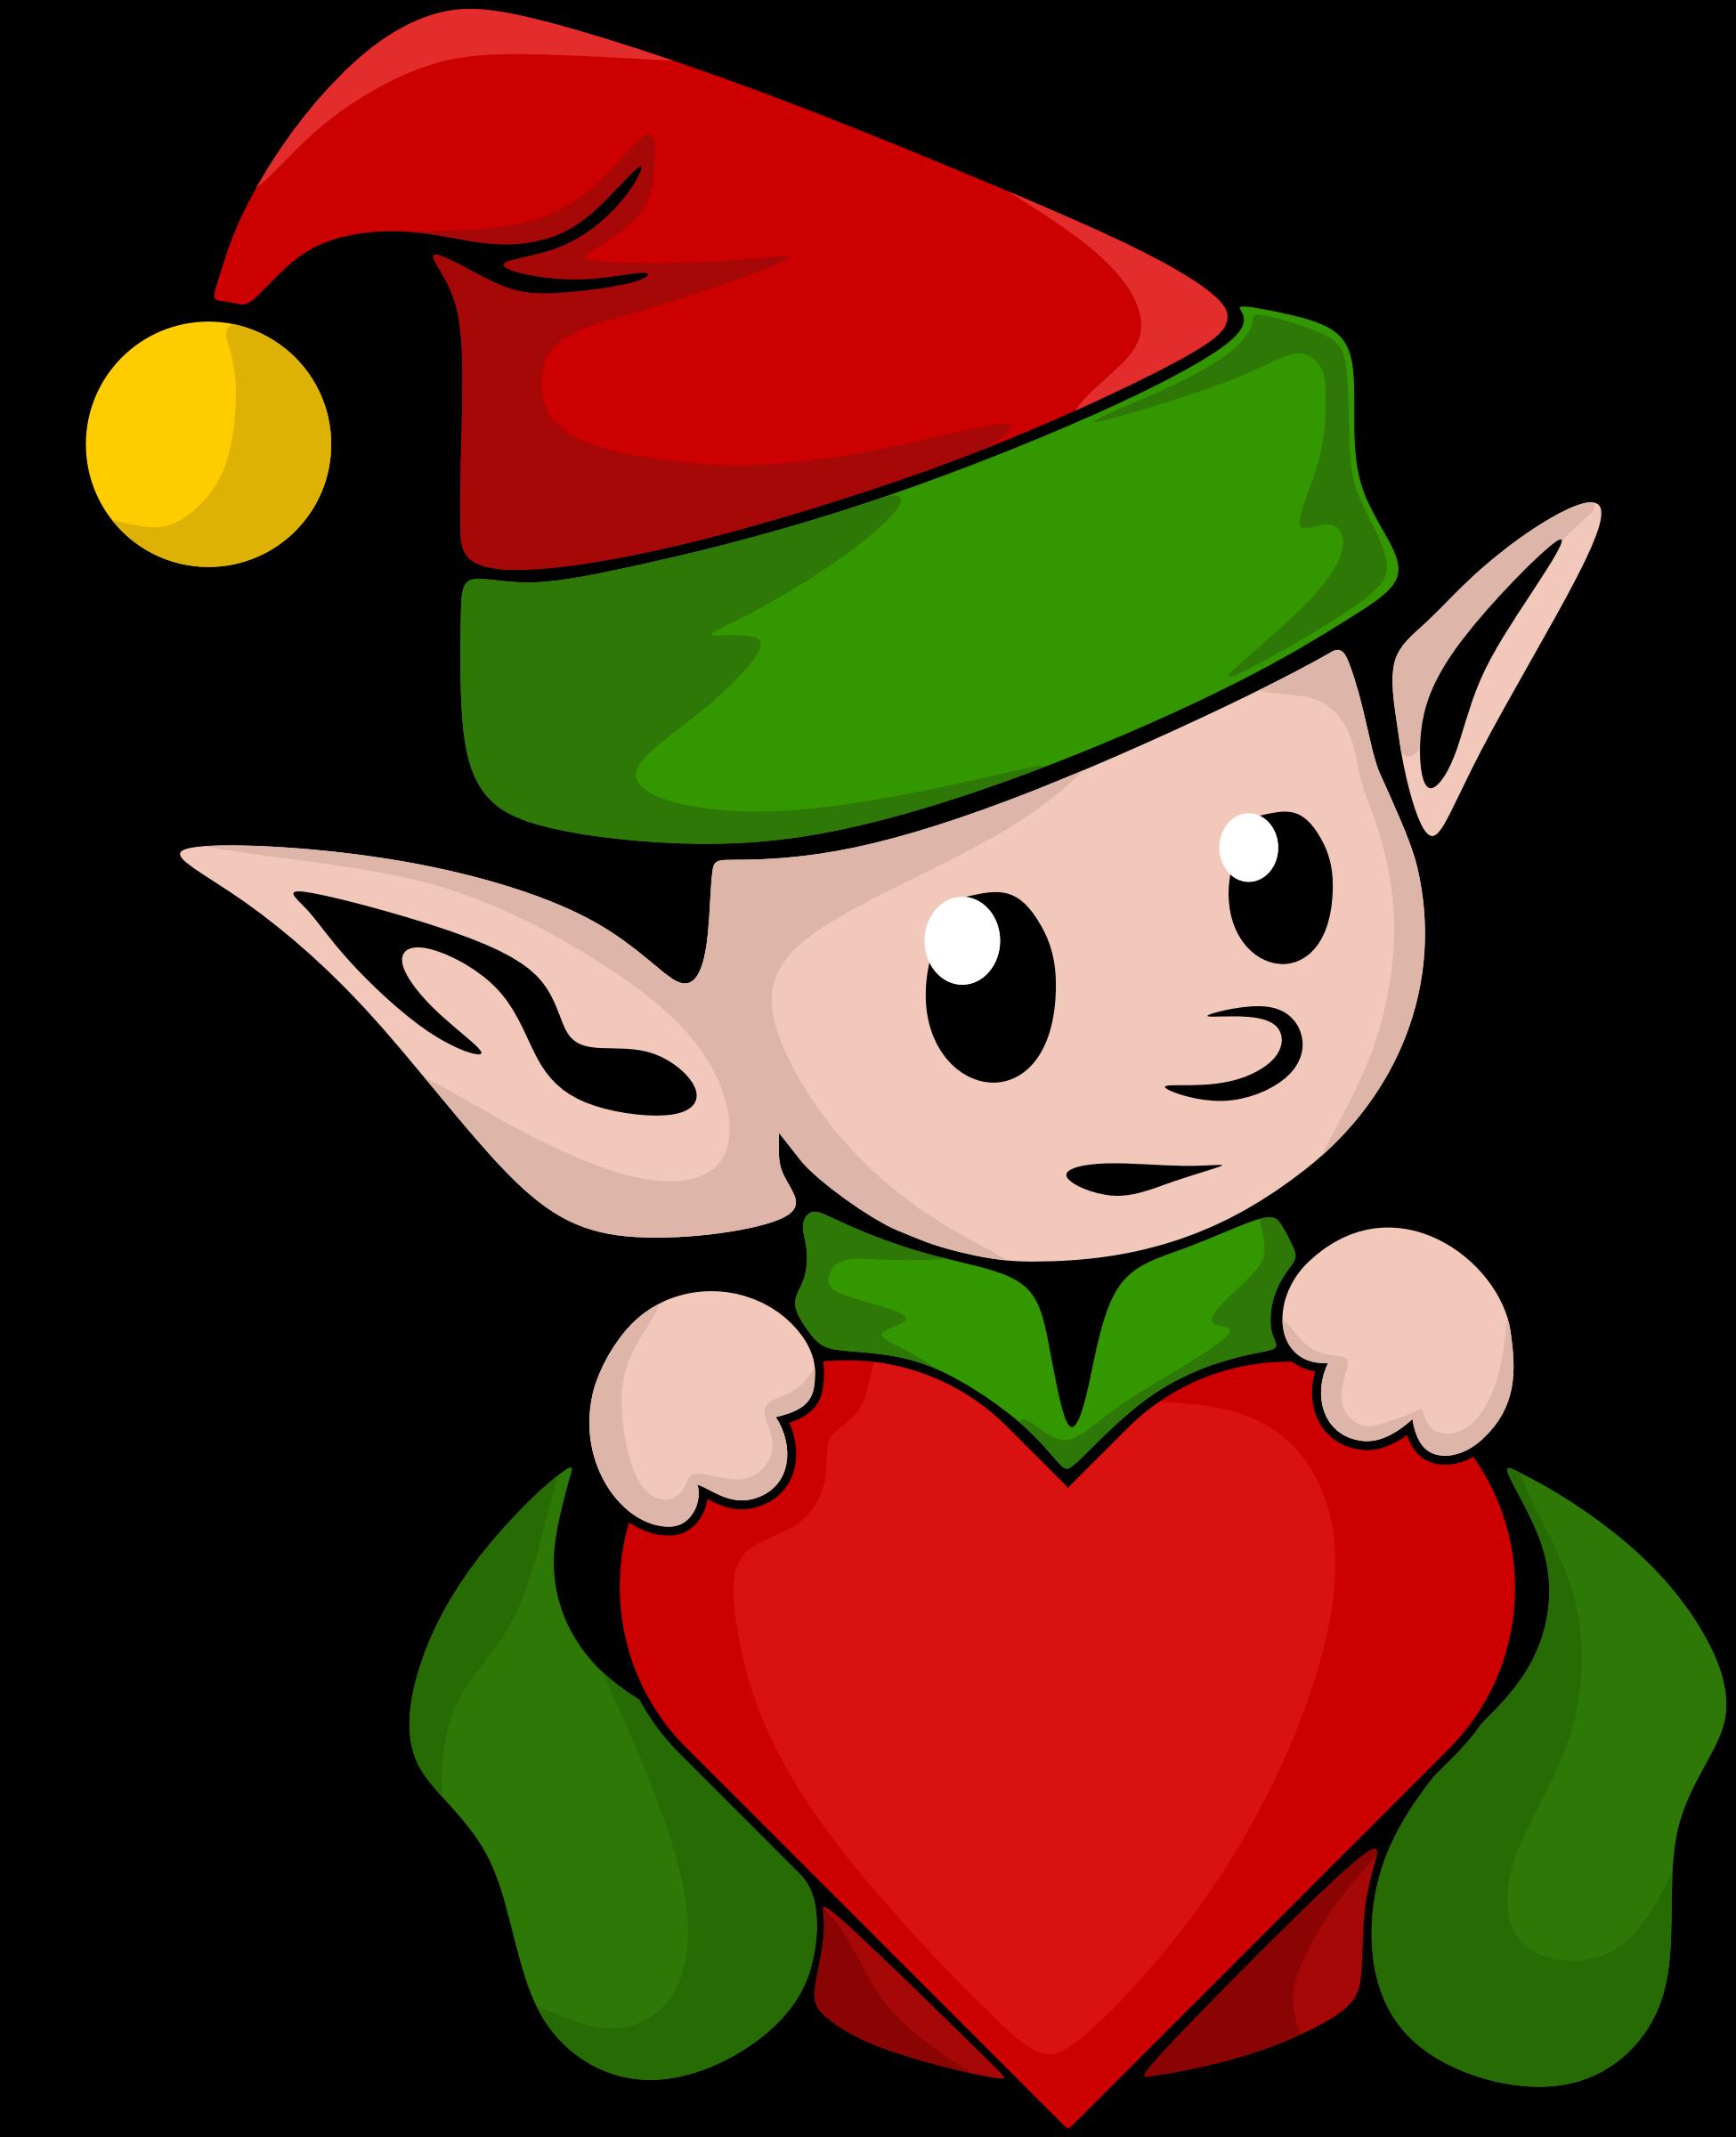 Elf clipart adorable. Cute at getdrawings com